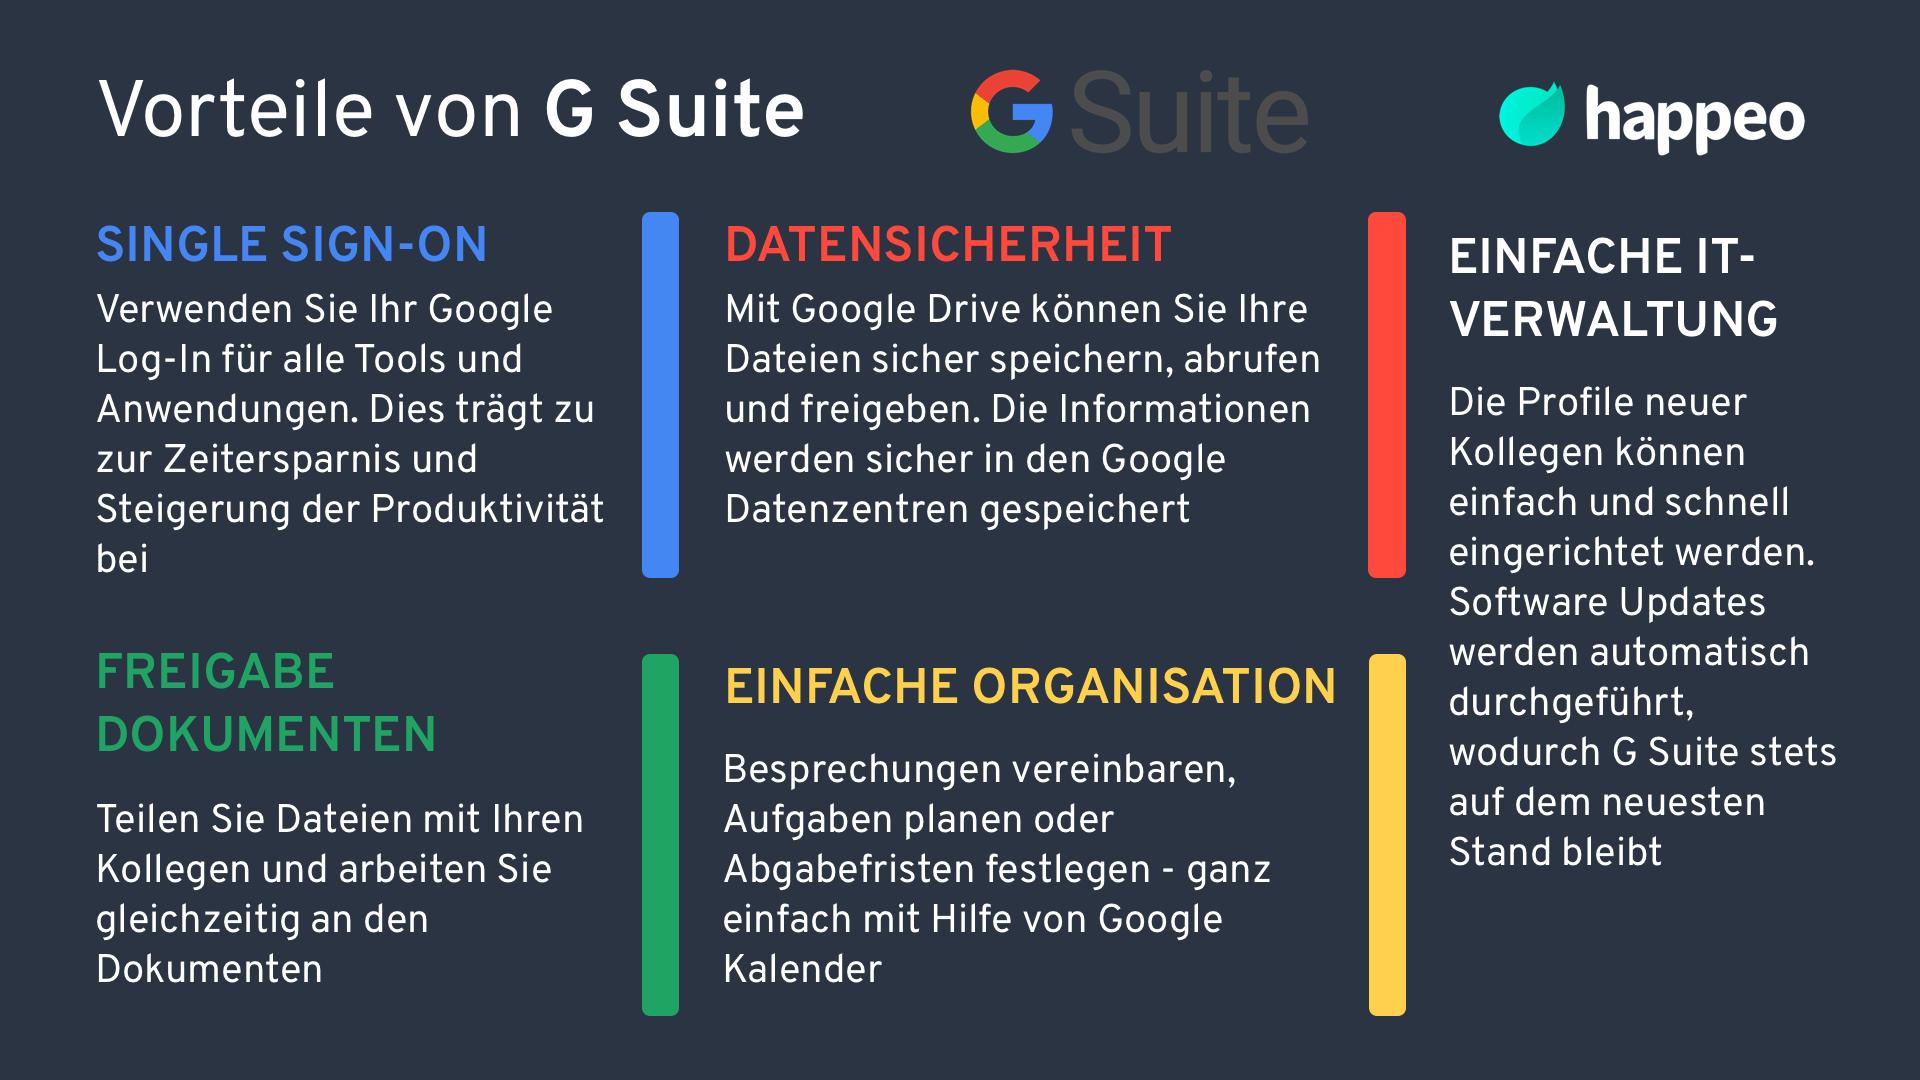 Vorteile von G Suite